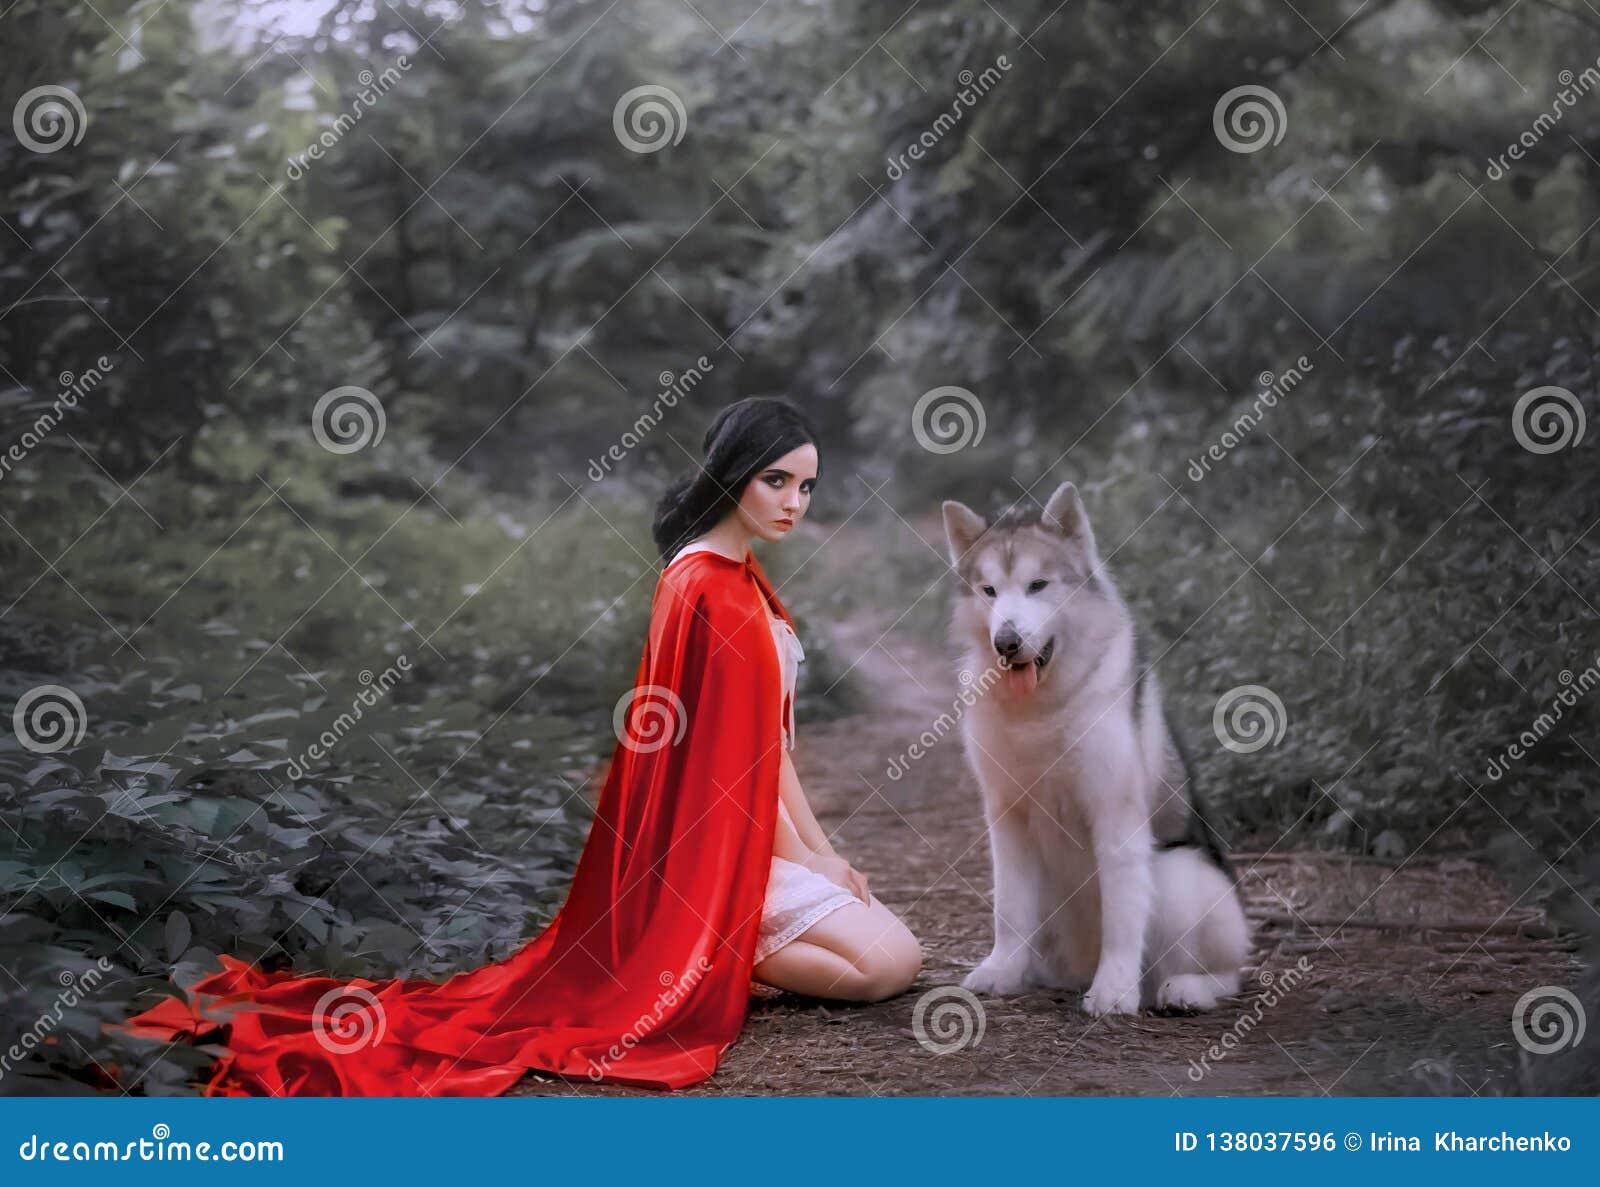 Sprookje over rood GLB, donker-haired meisje op grond in dik bos in korte witte lichte kleding, lange scharlaken mantel